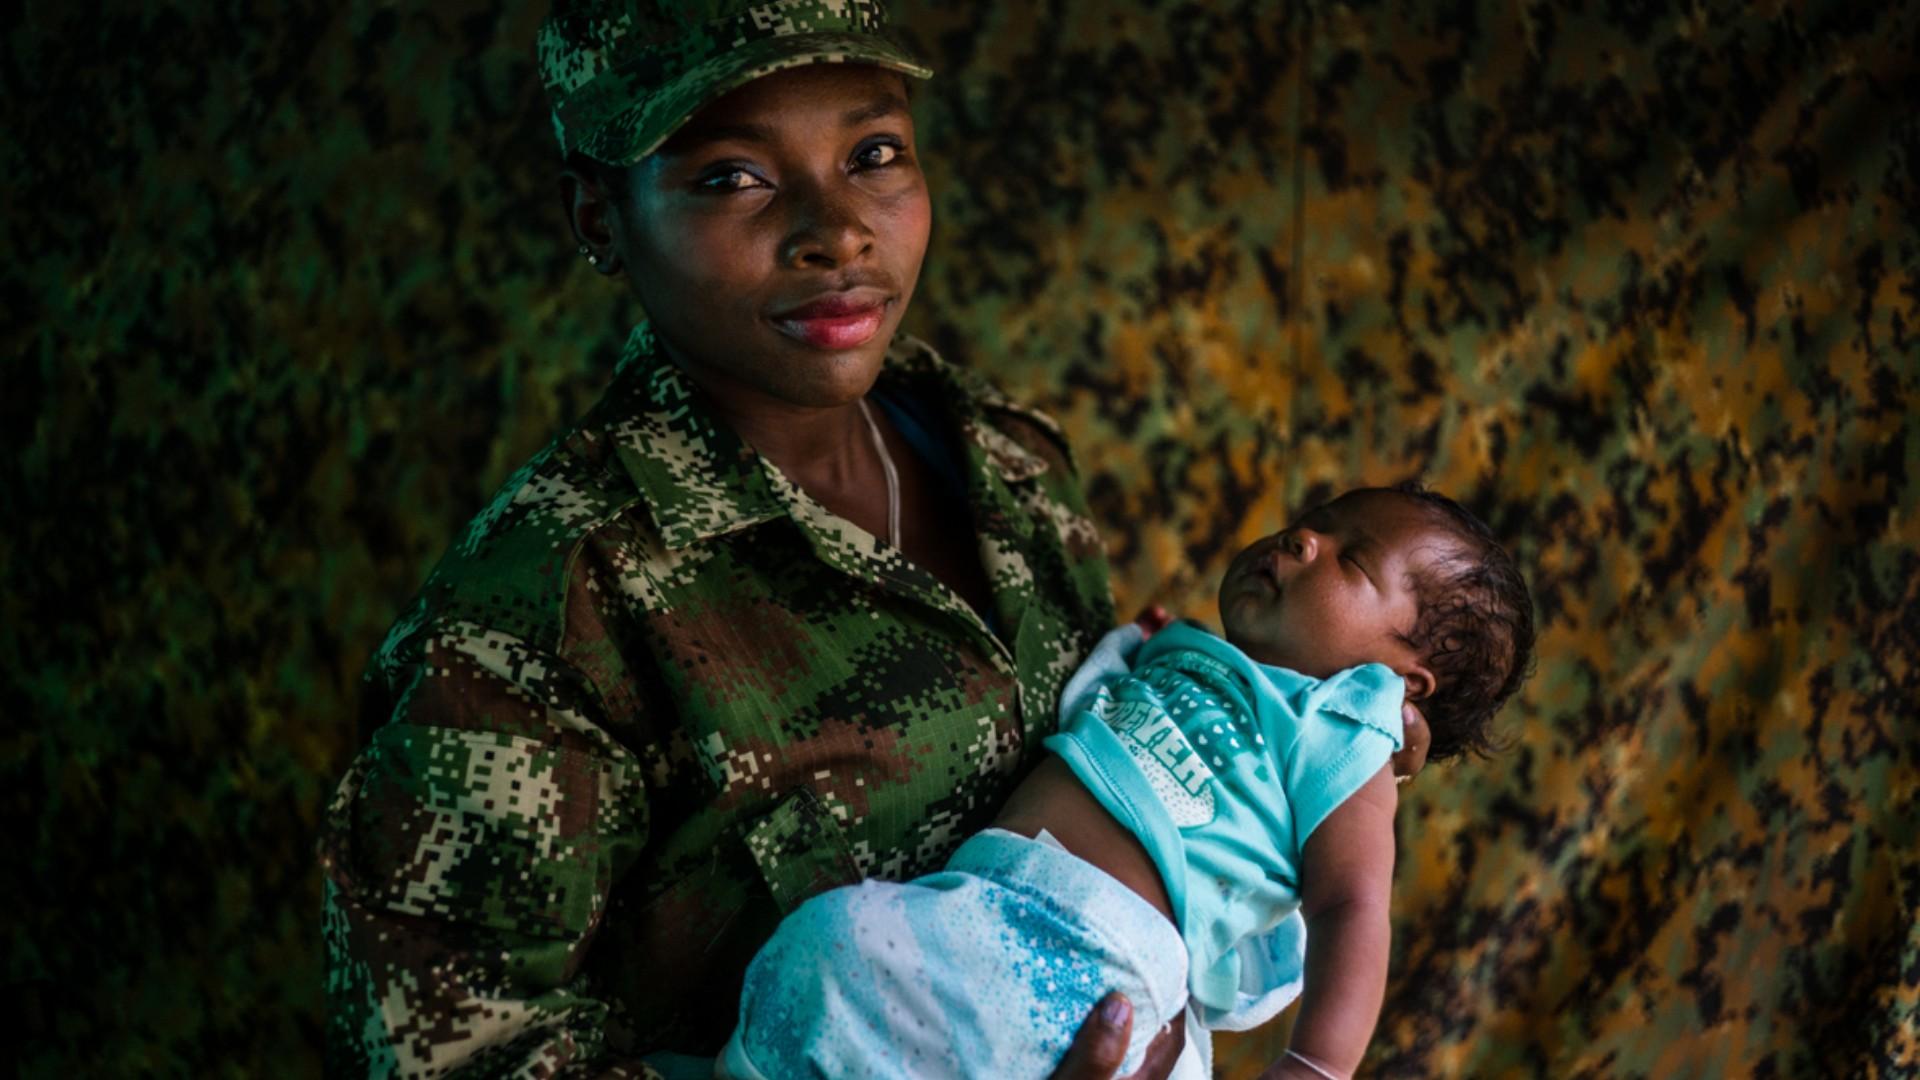 Diez años fotografiando a las Farc: el libro de Federico Ríos que captura la esencia humana de la guerra y la paz